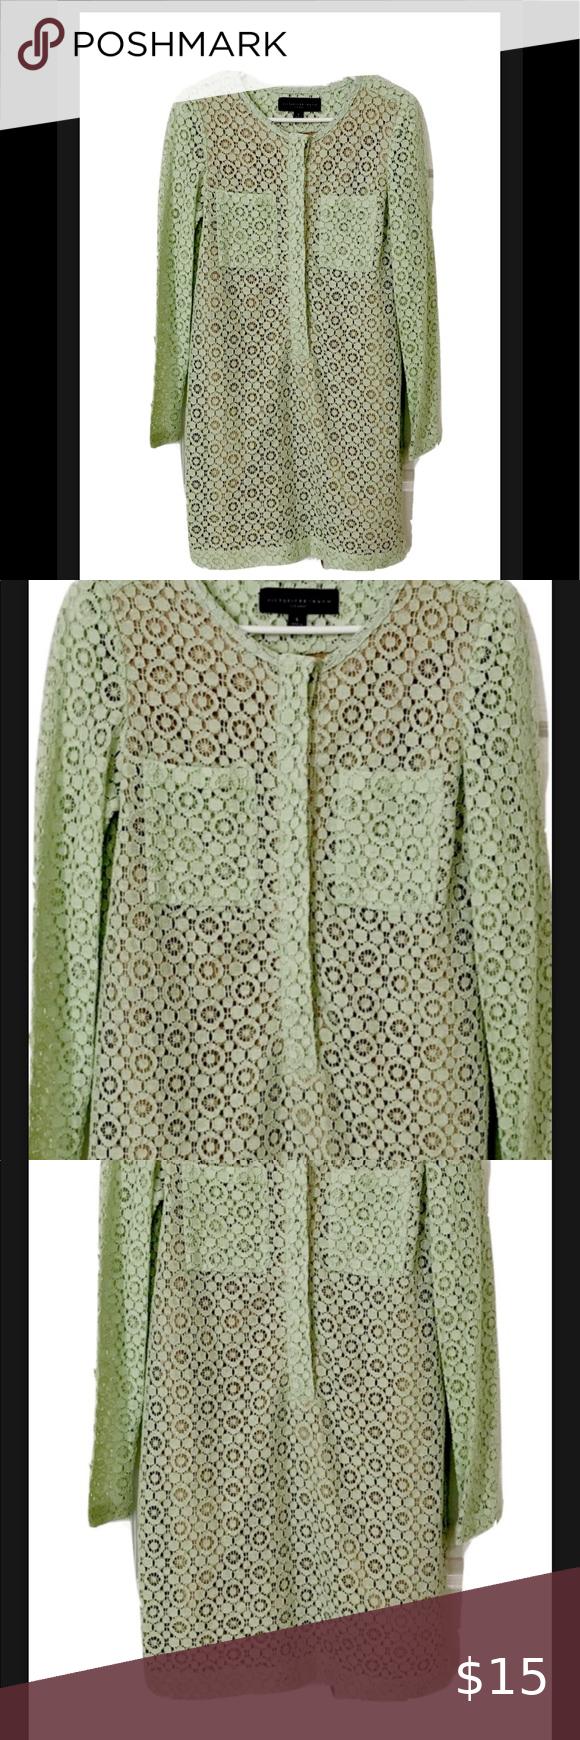 Victoria Beckham Target Mint Green Dress 6 Great Condition Victoria Becham From Target Mint Green Lace Lin Mint Green Dress Victoria Beckham Target Green Dress [ 1740 x 580 Pixel ]